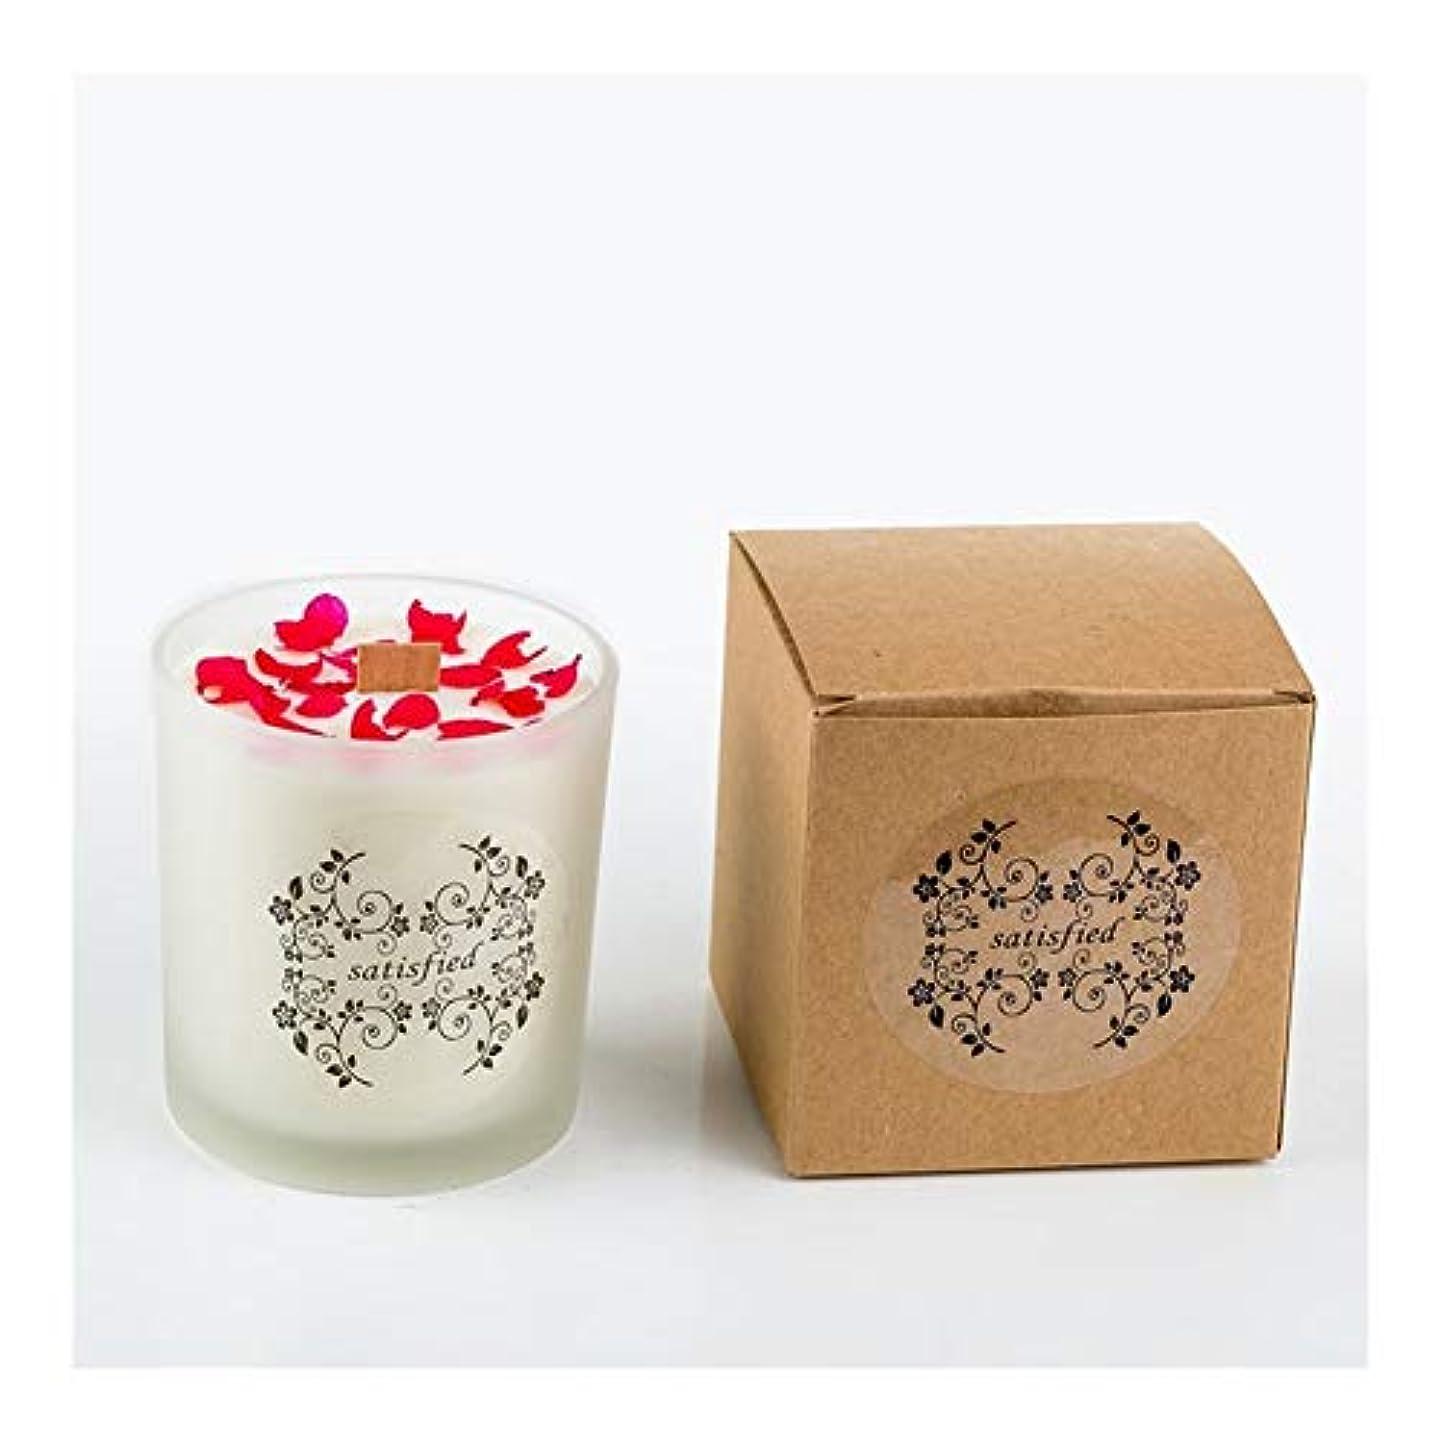 方程式歩道タップGuomao ロマンチックな香りのキャンドルエッセンシャルオイル大豆ワックスガラスアロマセラピーロマンチックな誕生日ギフトの提案無煙の香り (色 : Blackberries)